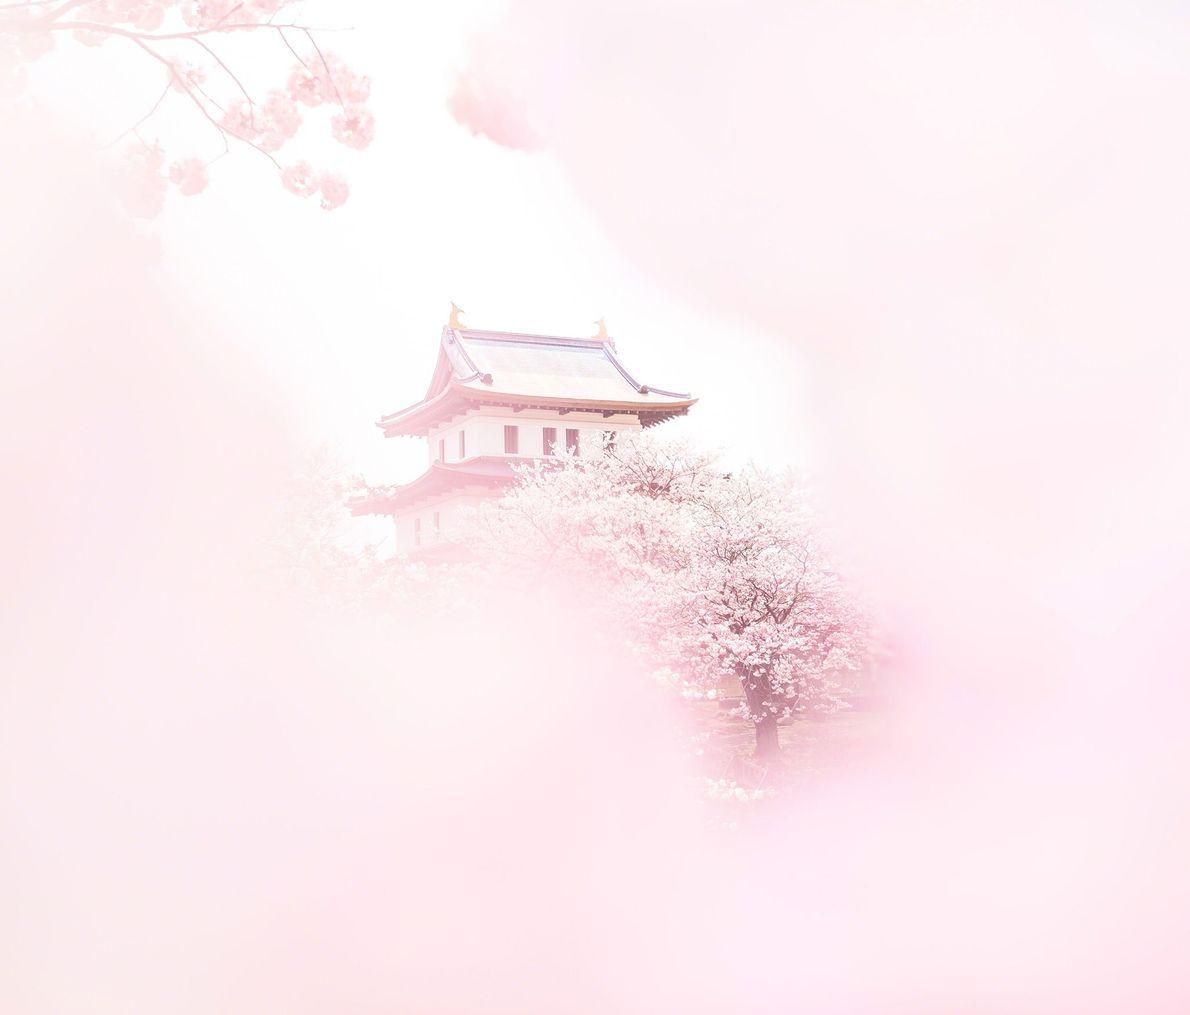 Simbolizando a renovação, a esperança e a brevidade da vida, as flores de cerejeira envolvem a ...